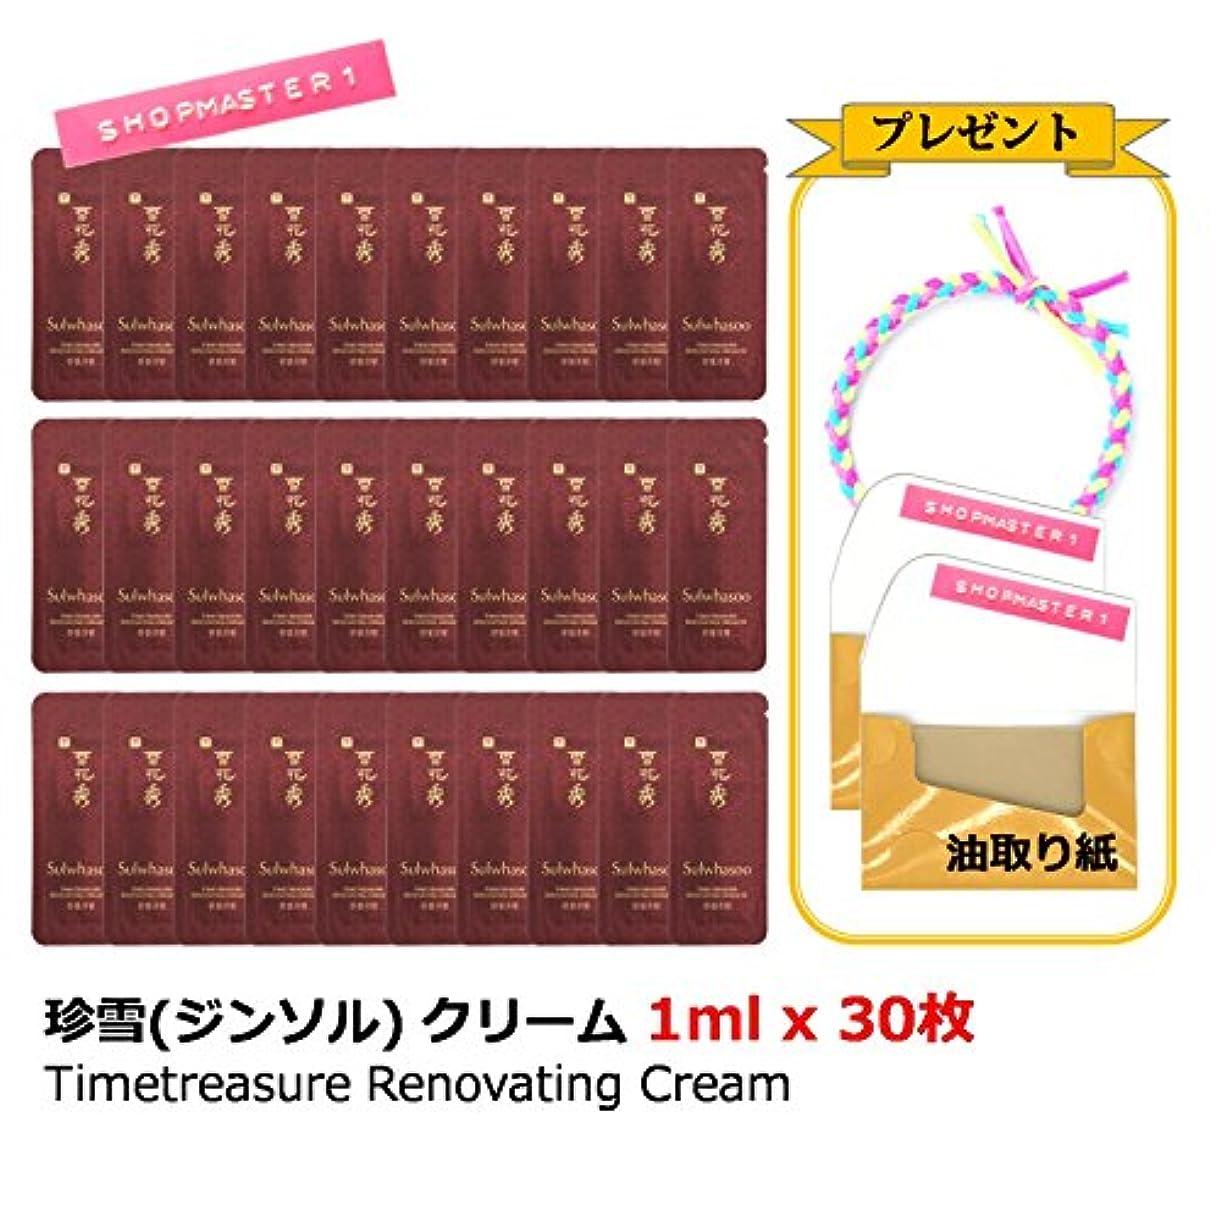 変成器ドア振動する【Sulwhasoo ソルファス】珍雪(ジンソル) クリーム 1ml x 30枚 Timetreasure Renovating Cream/プレゼント 油取り紙 2個(30枚ずつ)、ヘアタイ/海外直配送